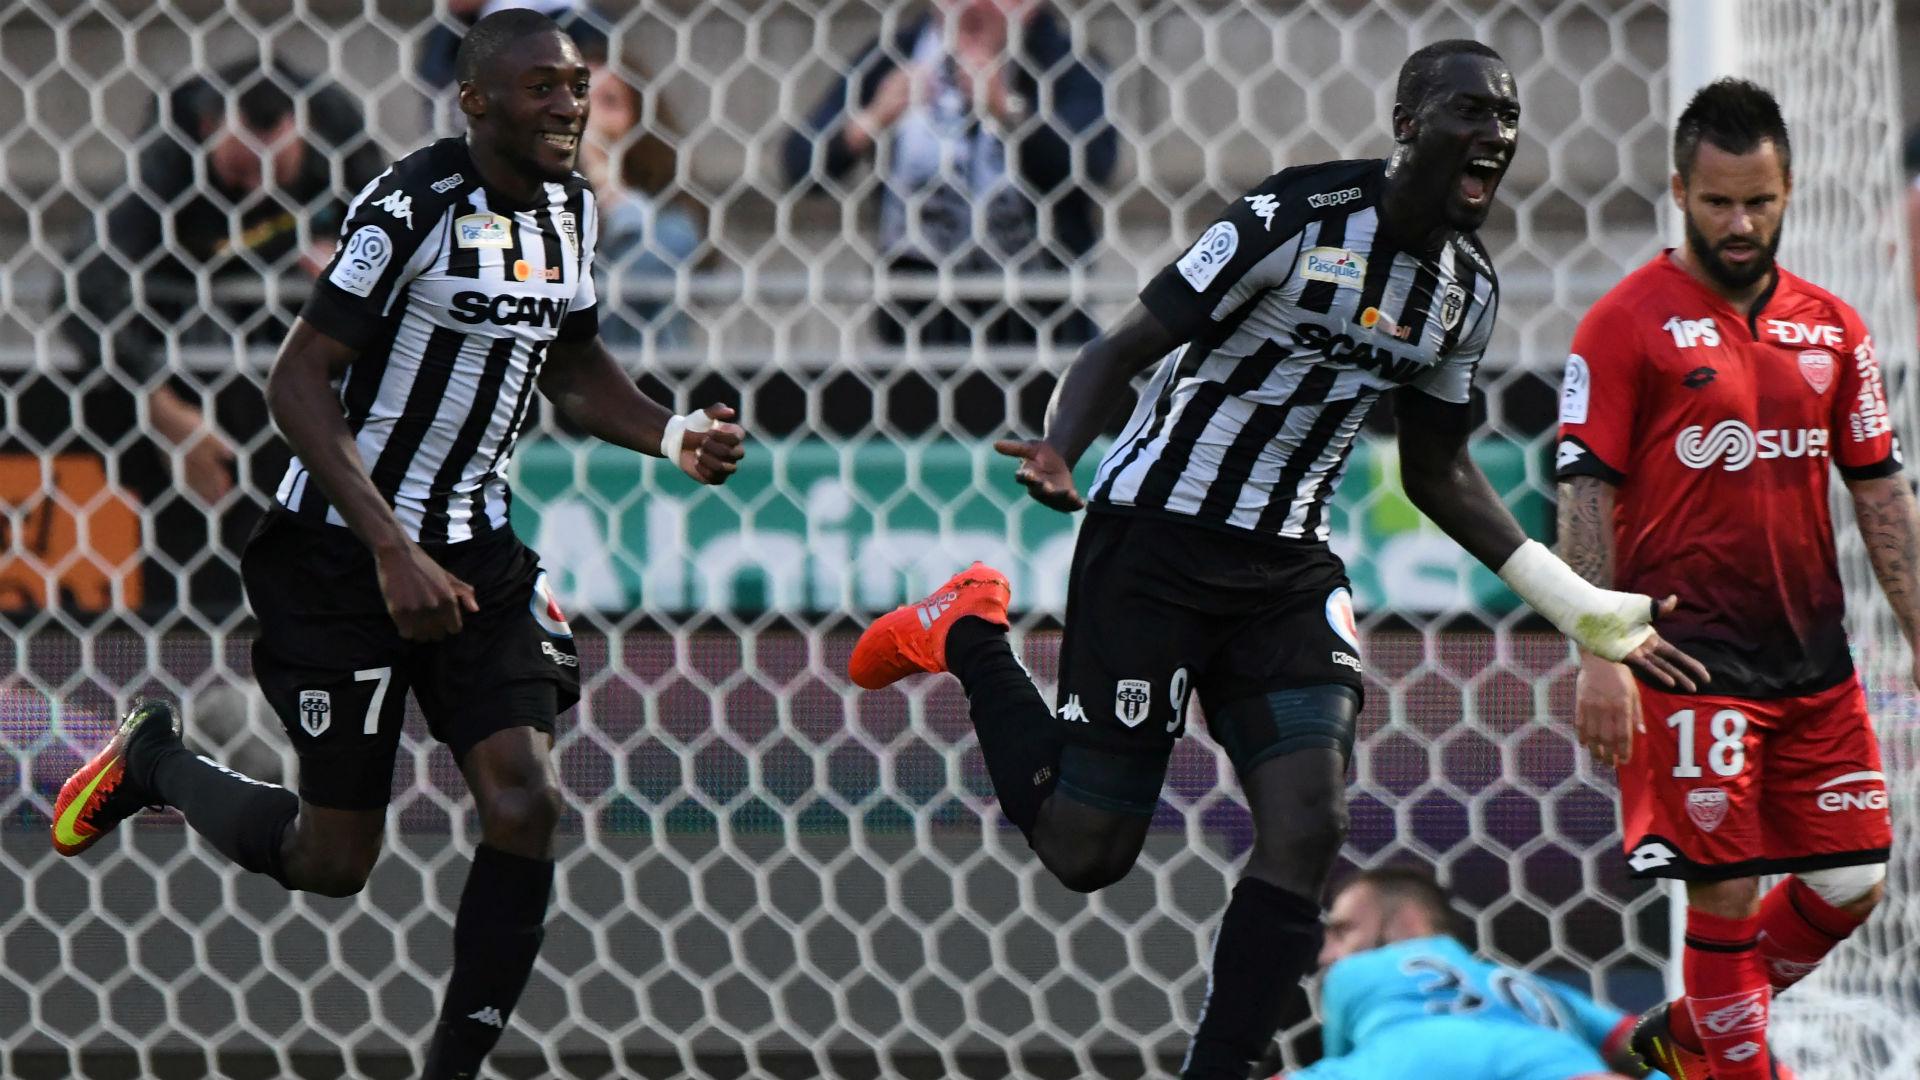 angers 3 - 1 dijon r u00e9sum u00e9 du match 10  09  16 ligue 1